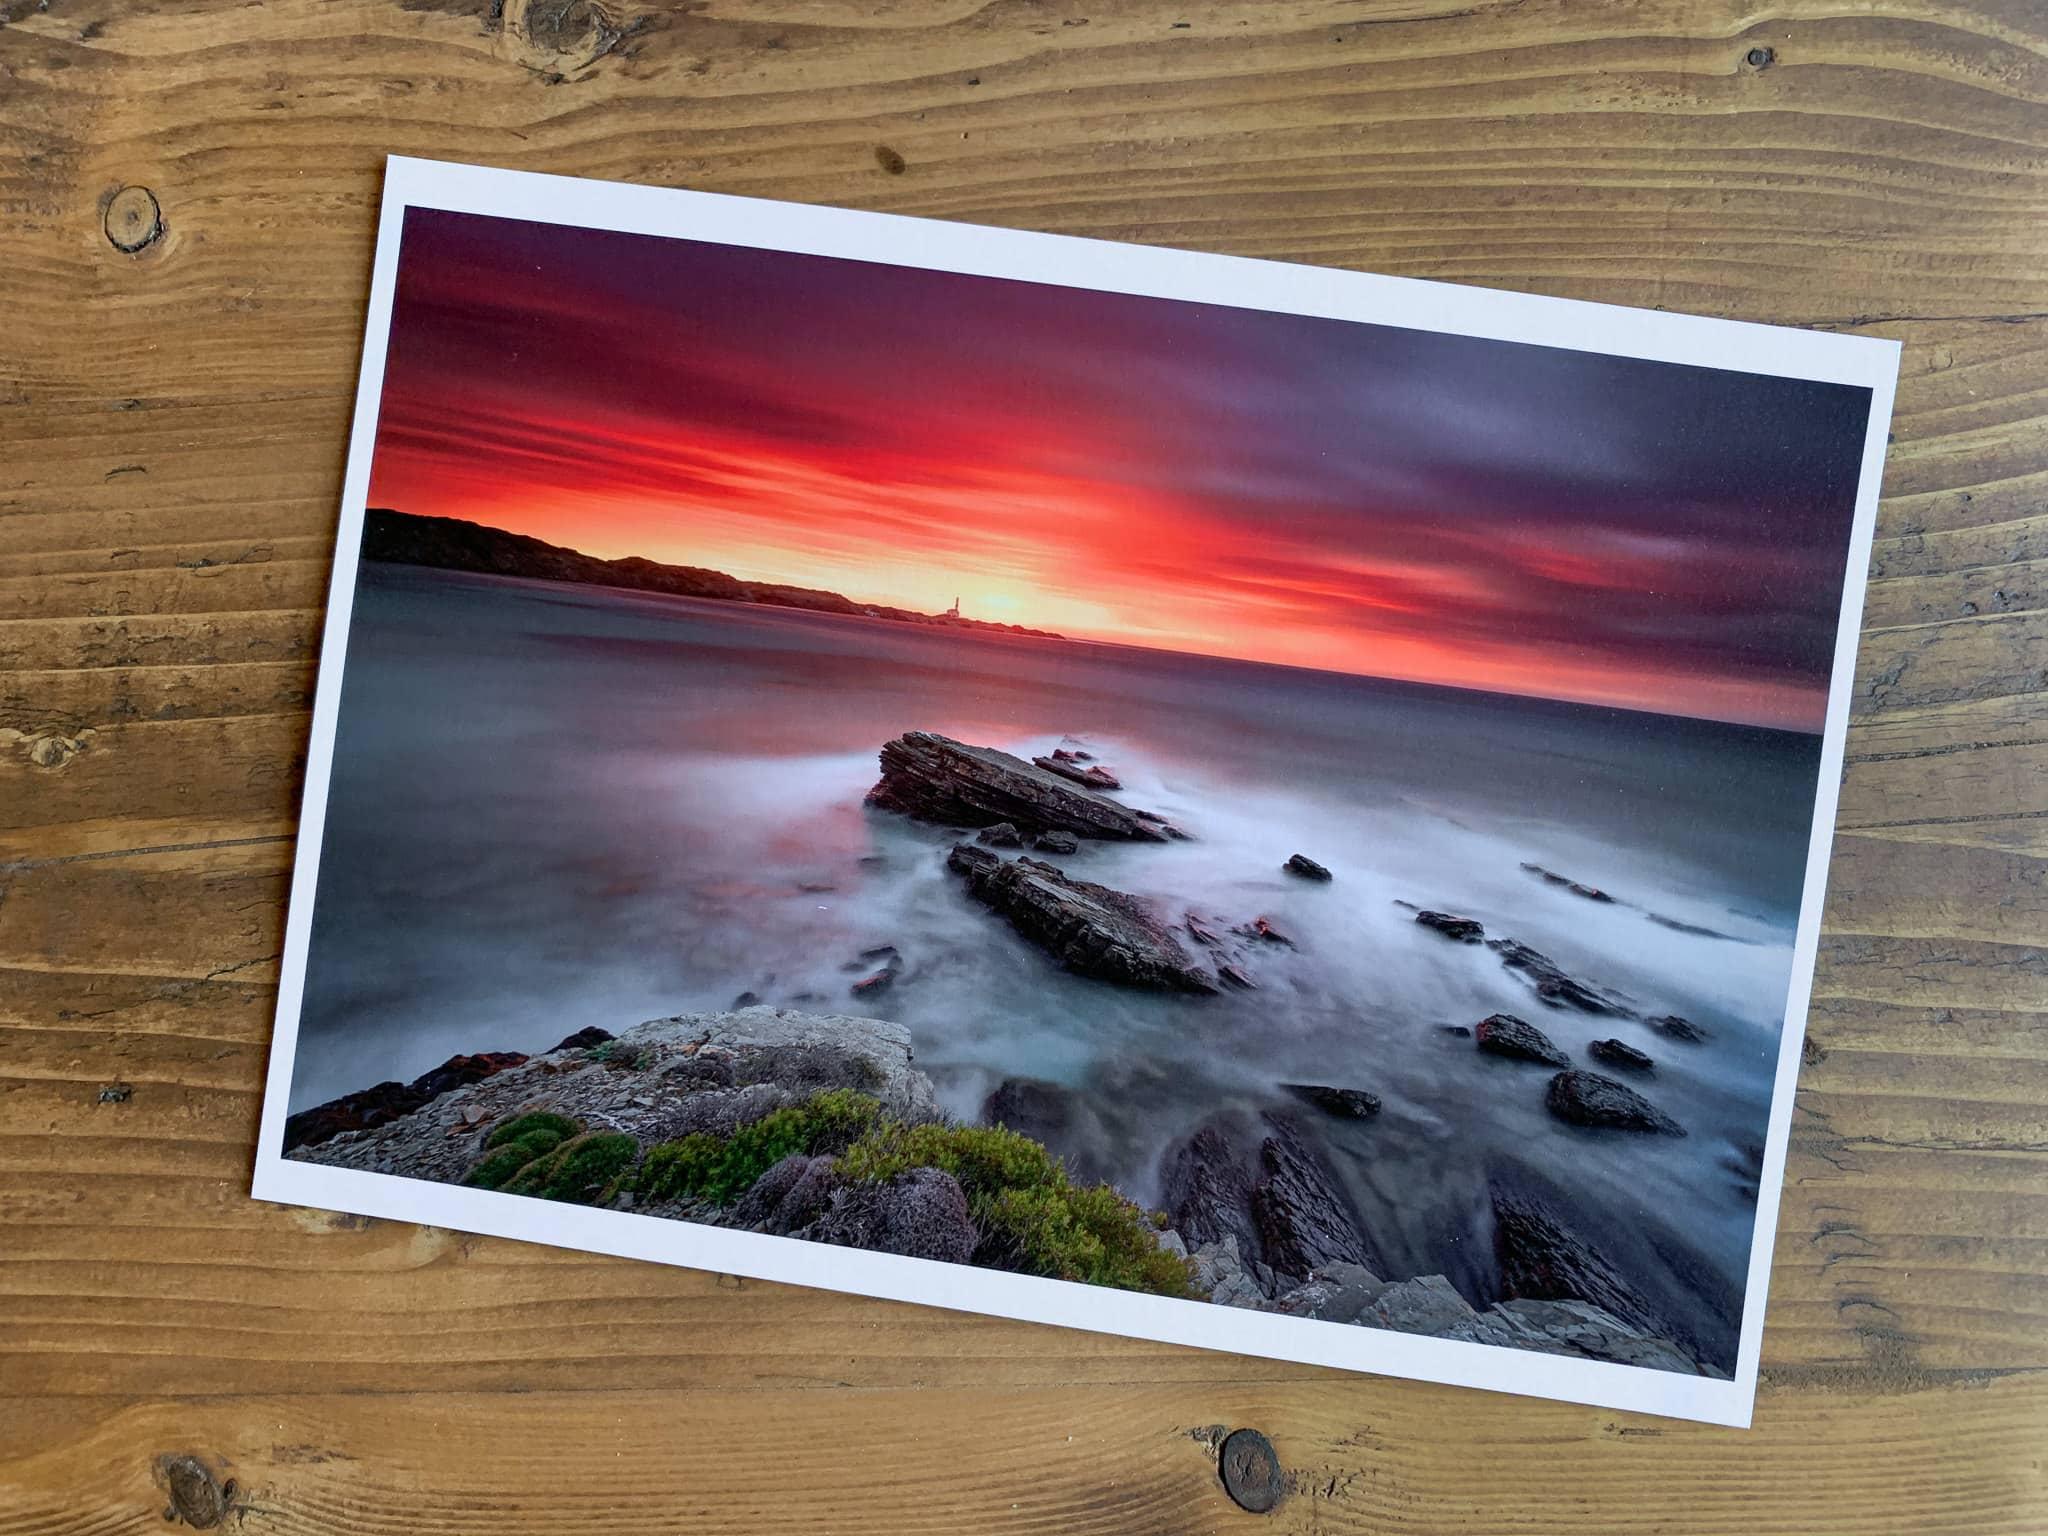 Francesco Gola Seascape Long Exposure Photography Review Best Fine Art Paper Hahnemuhle Hahnemühle 23